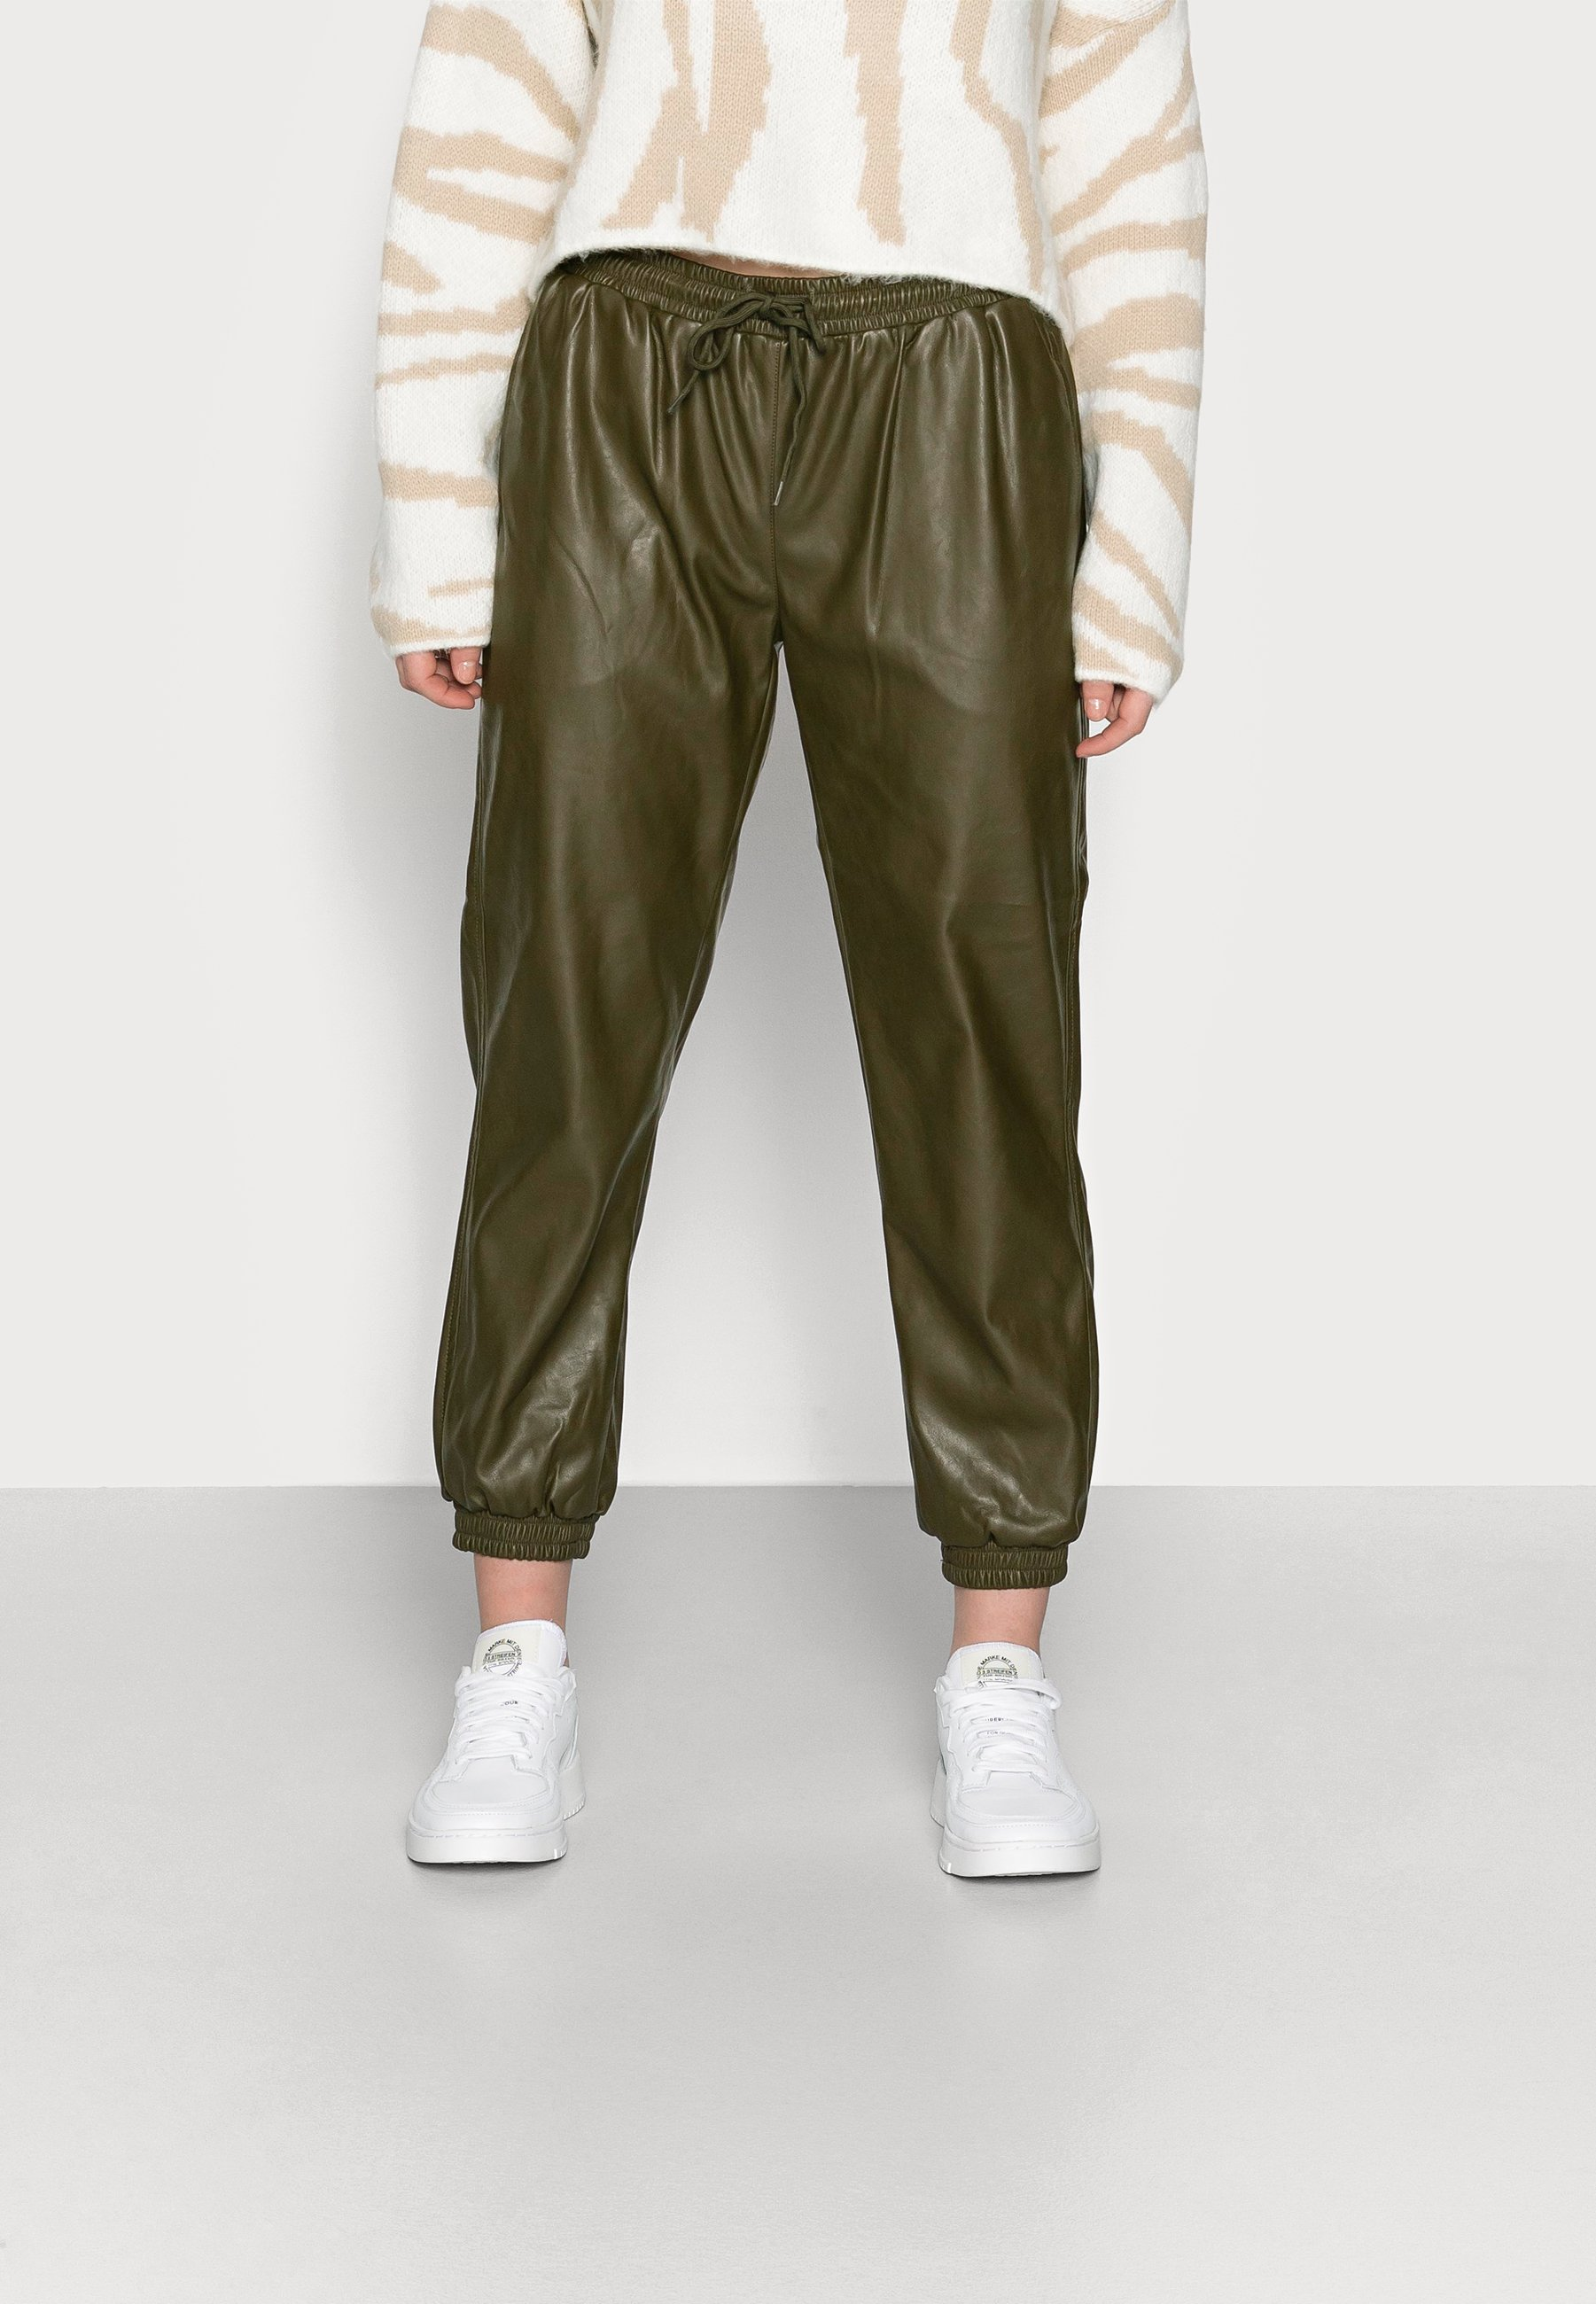 Femme LADIES TROUSERS - Pantalon classique - khaki